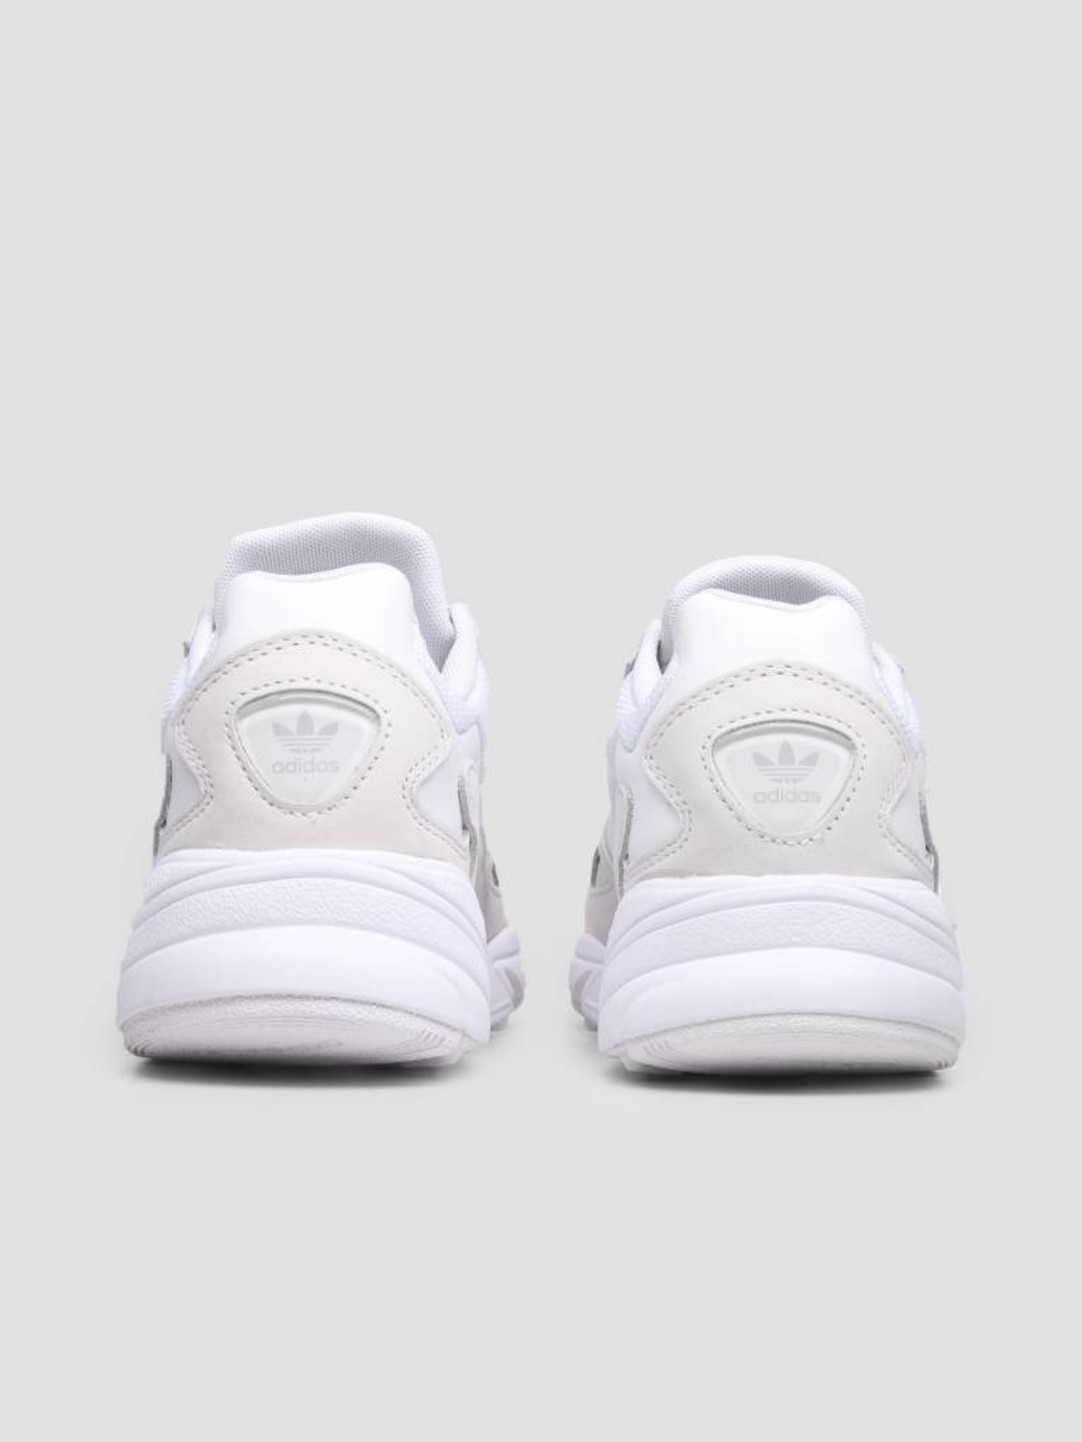 adidas adidas Falcon Ftwwht Ftwwht Crywht B28128